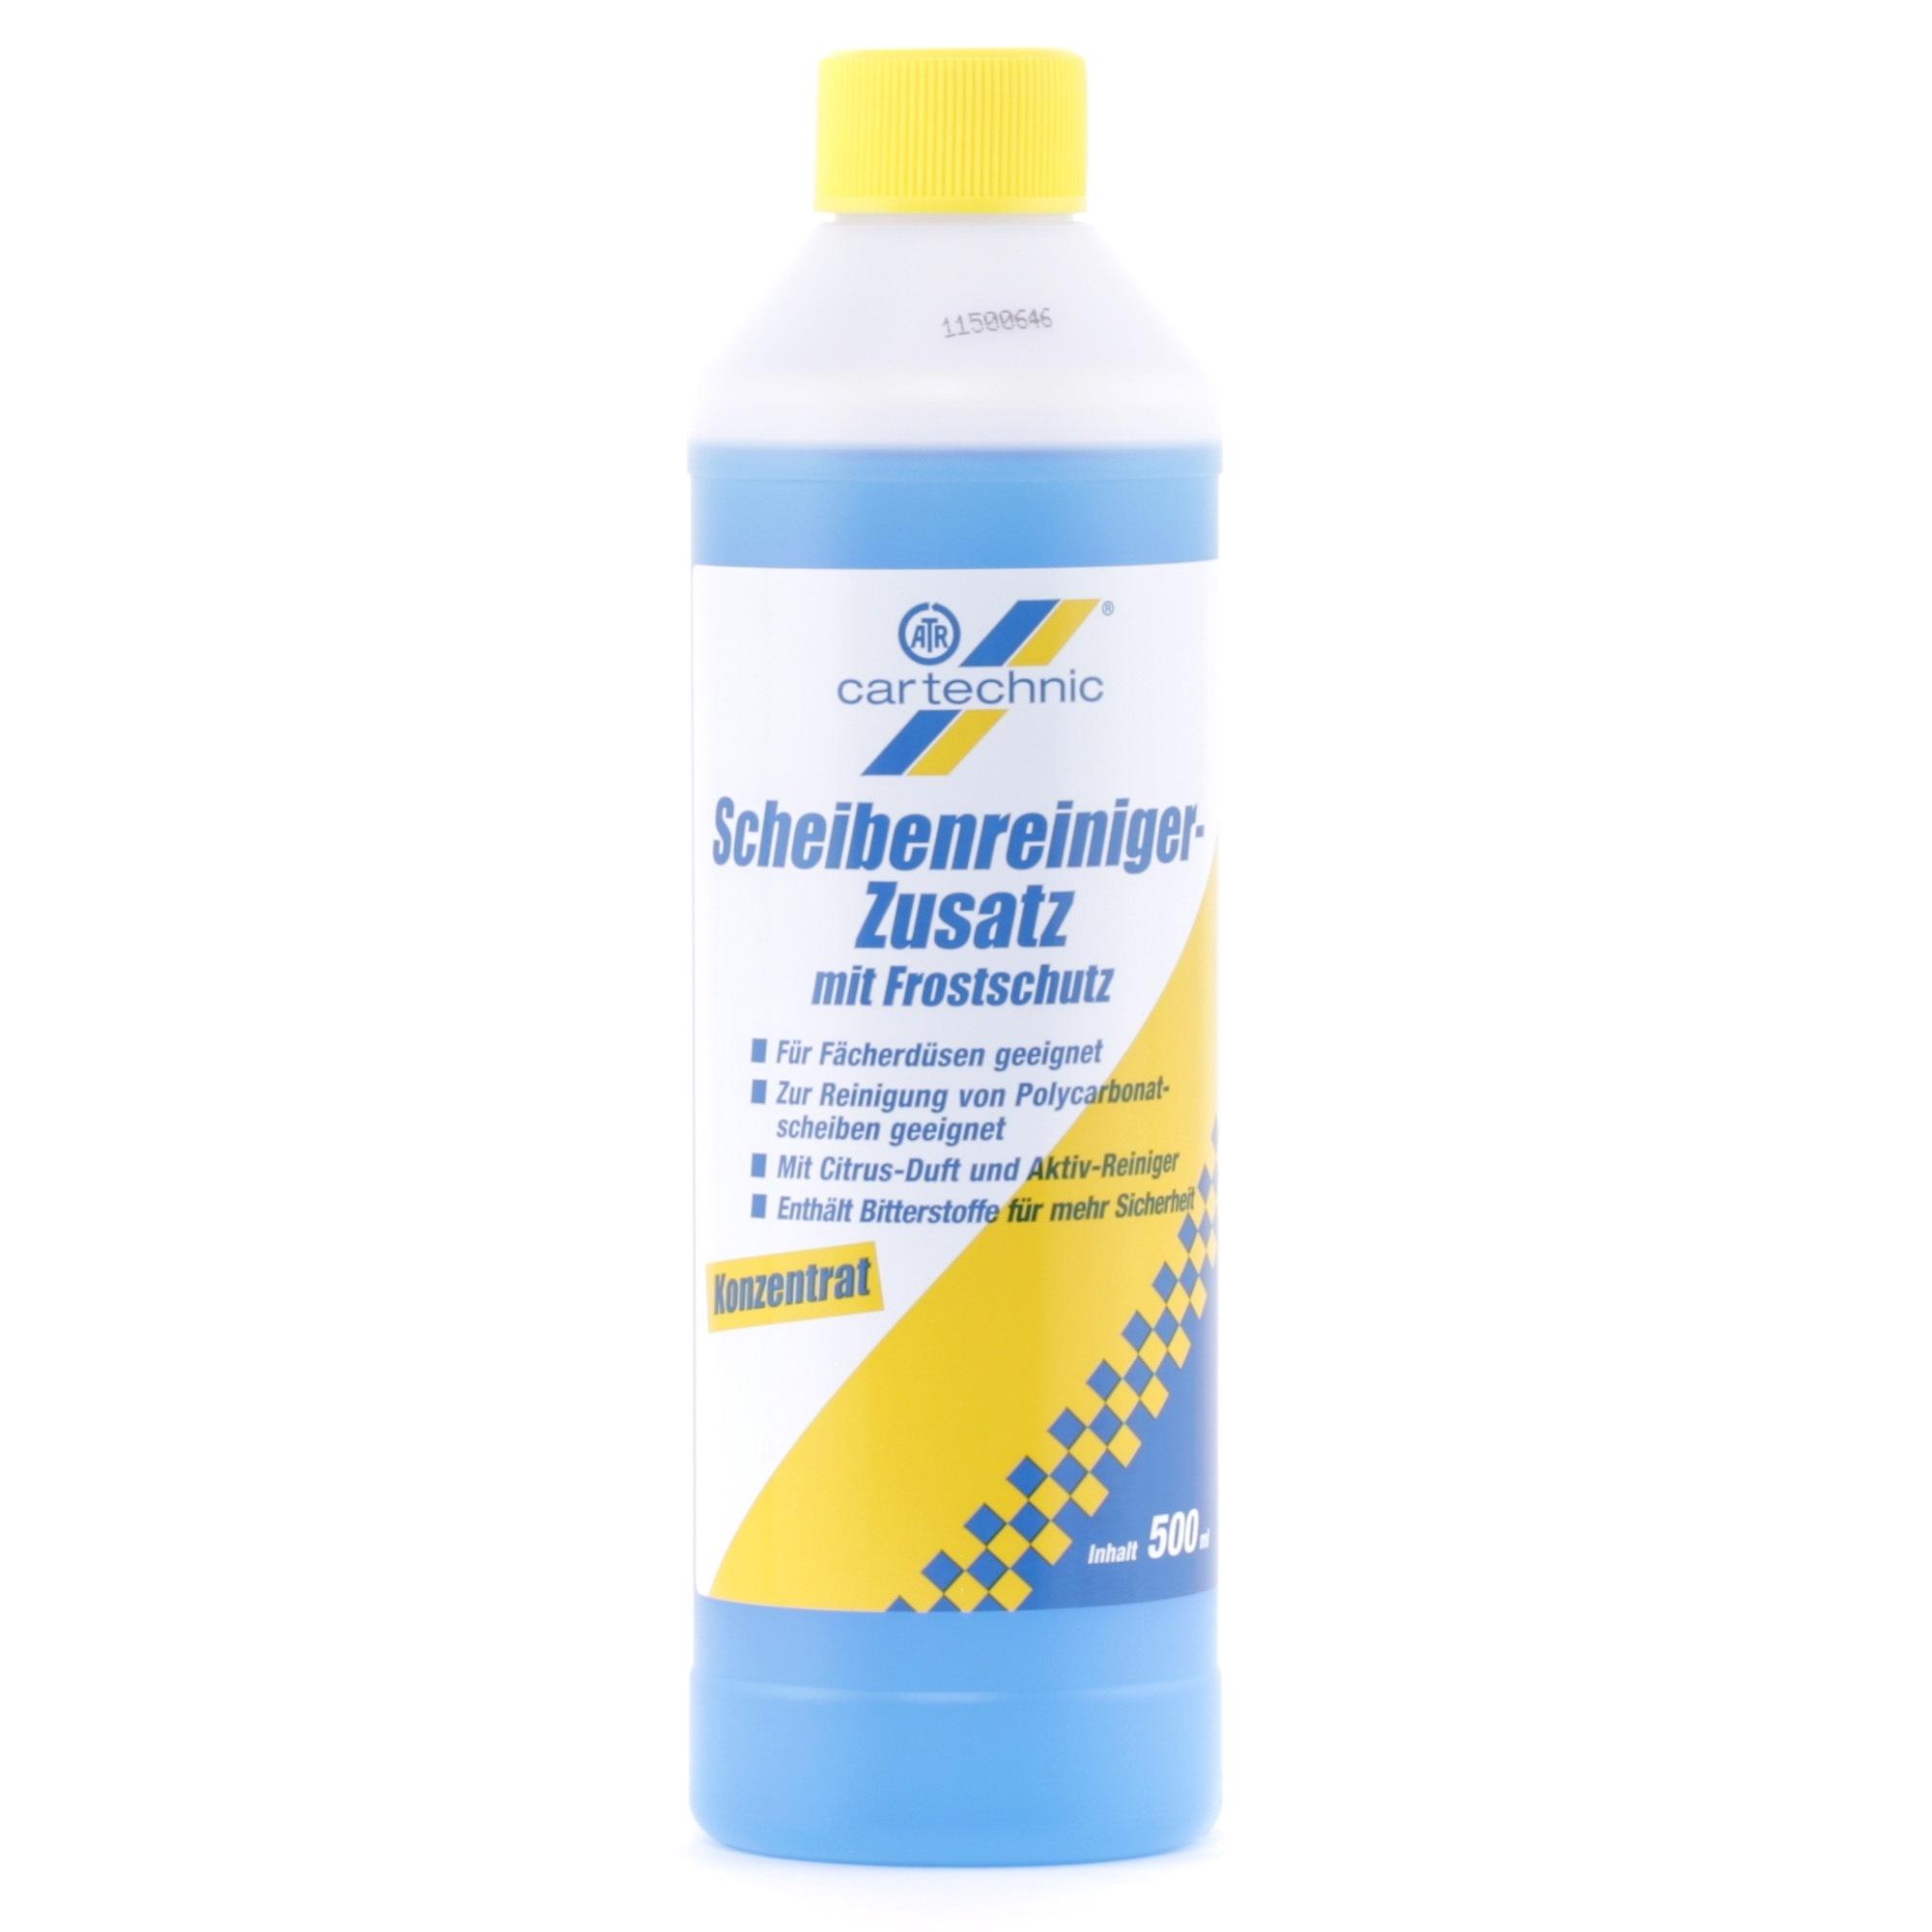 CARTECHNIC: Original Frostschutz für Scheibenwaschanlage 40 27289 00019 0 ()